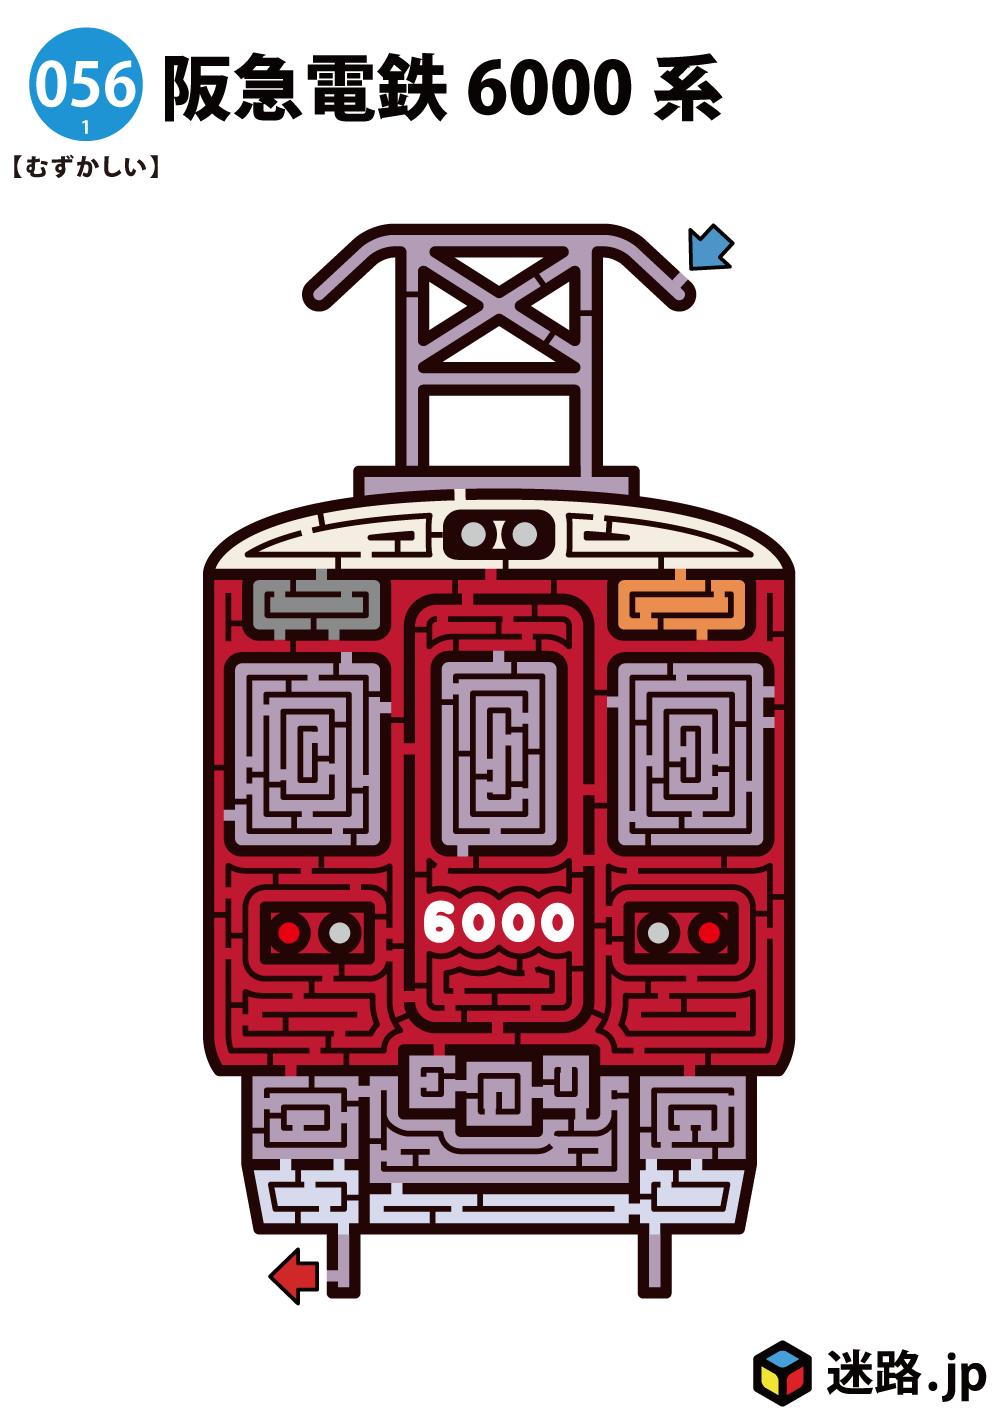 阪急電鉄6000系の難しい迷路